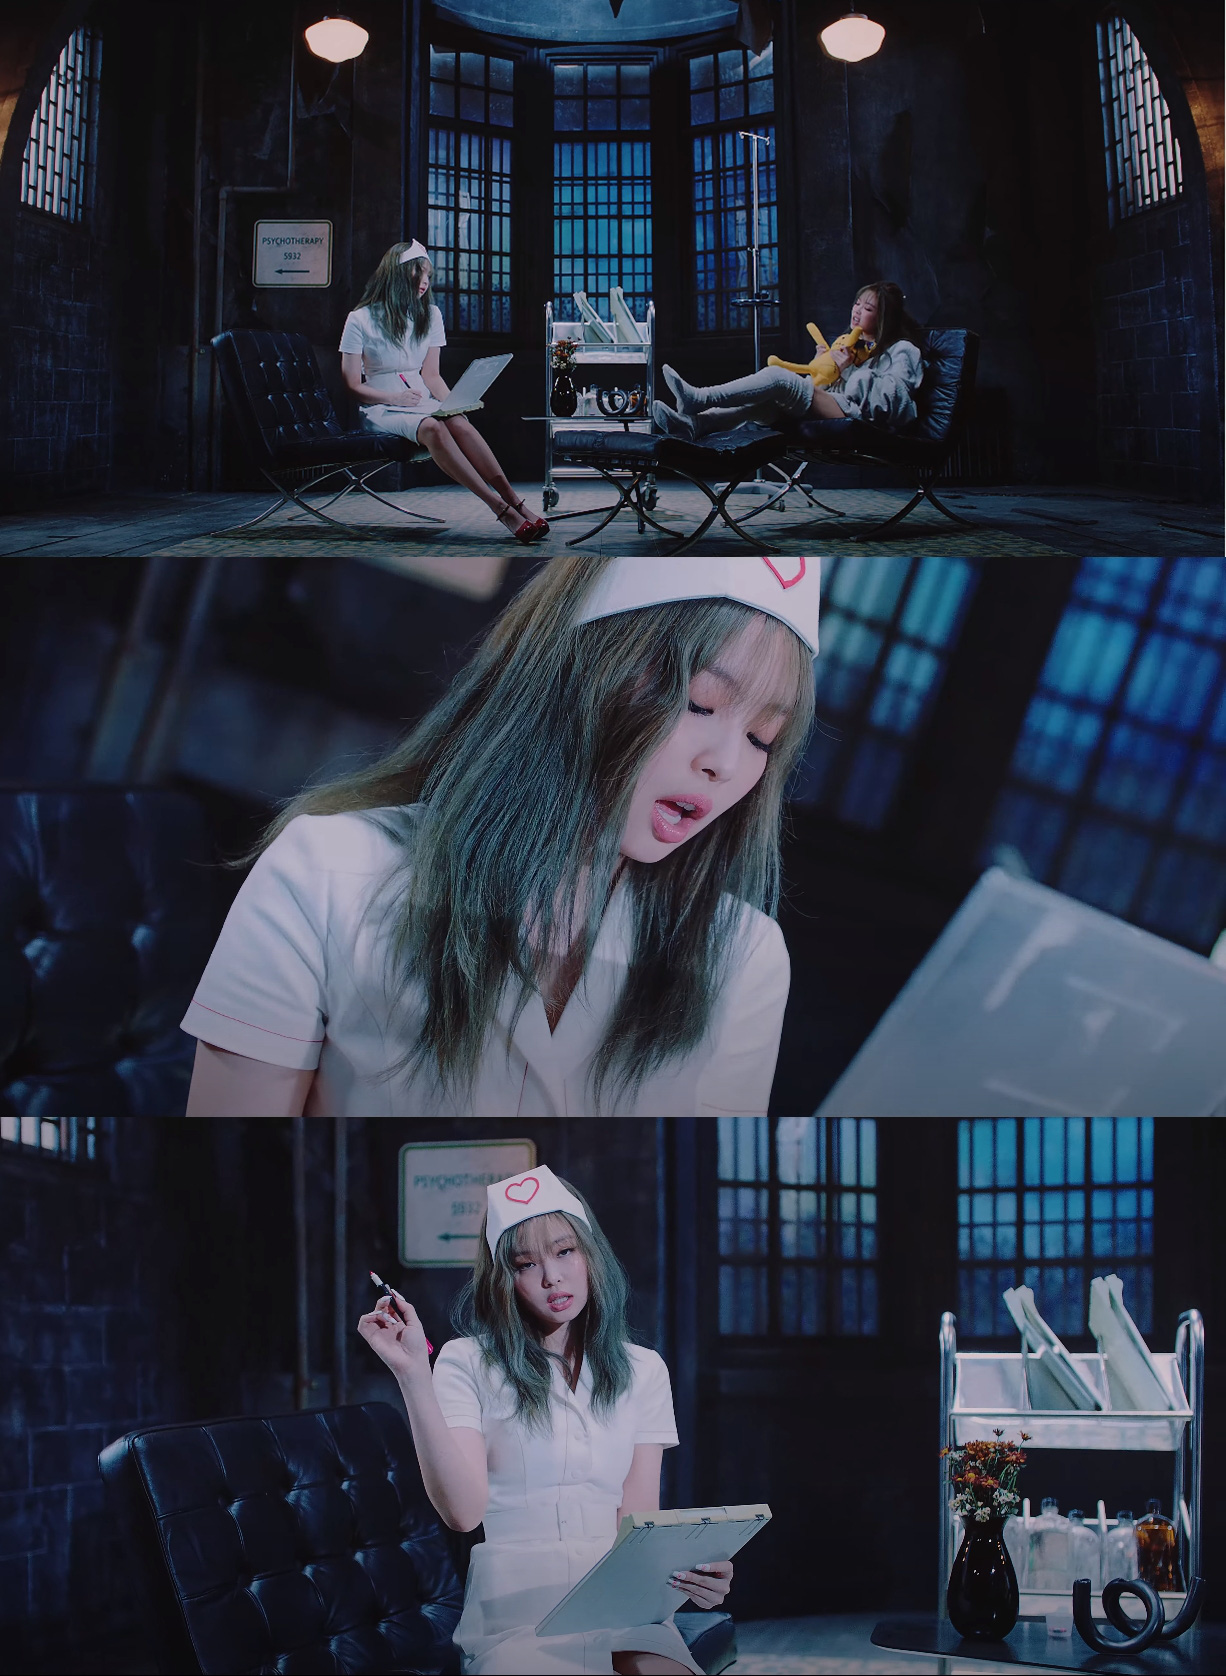 YG lên tiếng trước cáo buộc tình dục hóa y tá trong cảnh quay của Jennie, cân nhắc chỉnh sửa MV Lovesick Girls